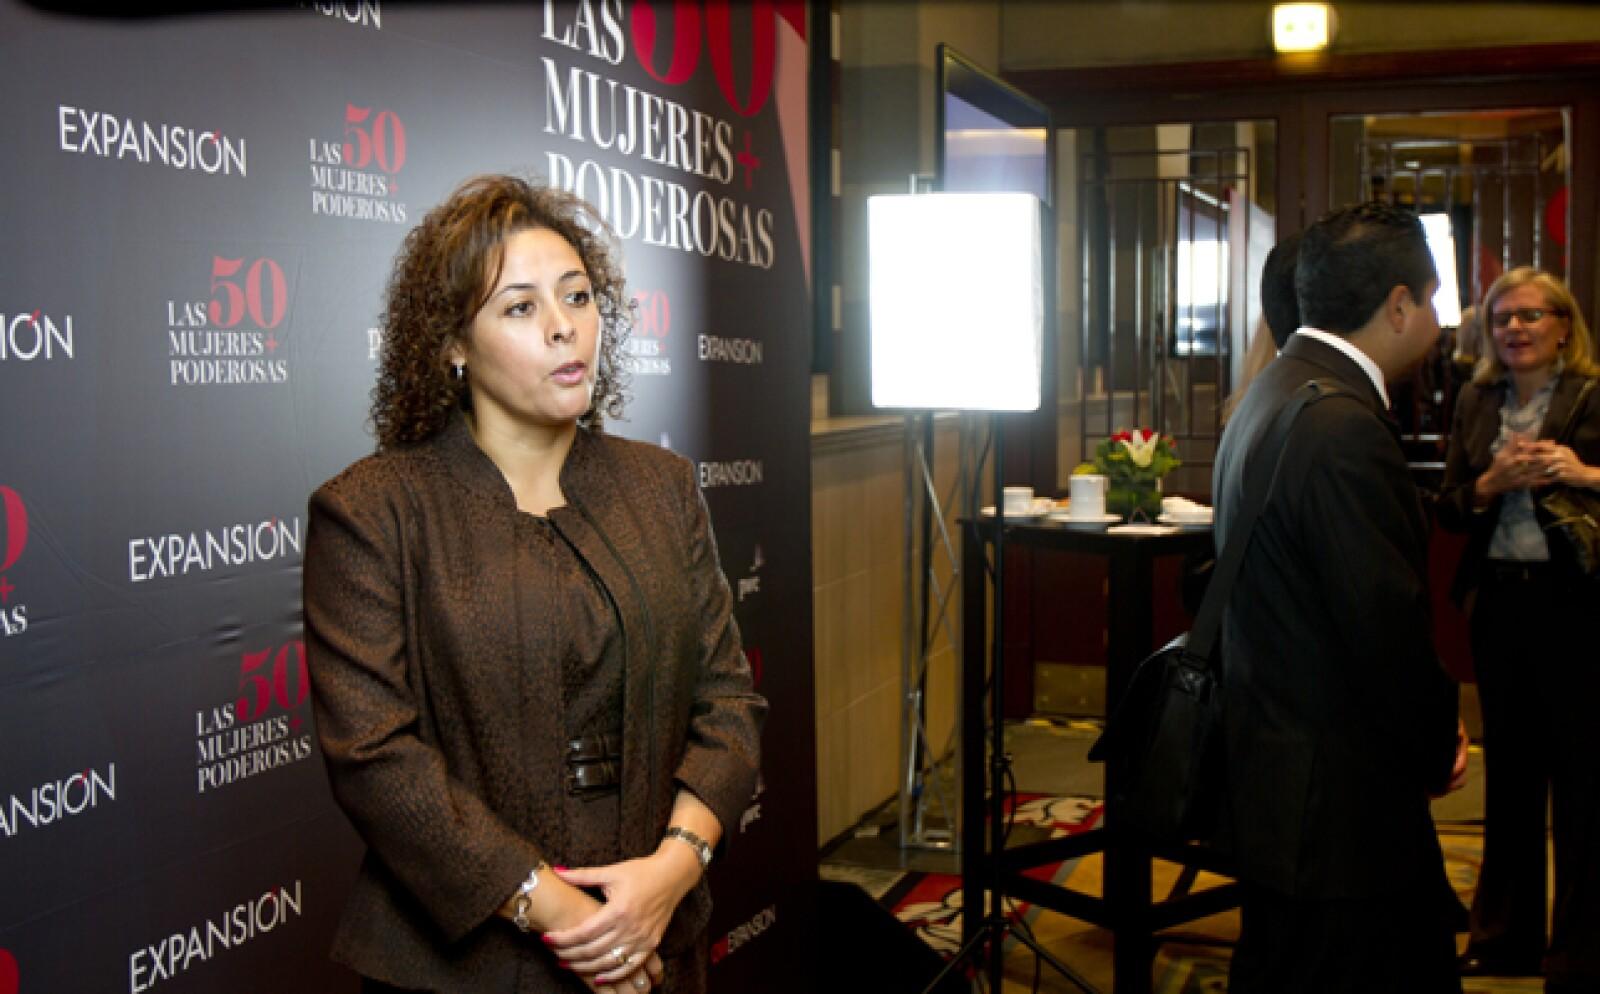 Algunas de las altas ejecutivas fueron entrevistadas a cuadro por CNNExpansión. En la imagen, María del Carmen Valencia, vicepresidenta senior y CIO de Walmart Latinoamérica. Ocupa el lugar 45 del ranking de la revista Expansión.